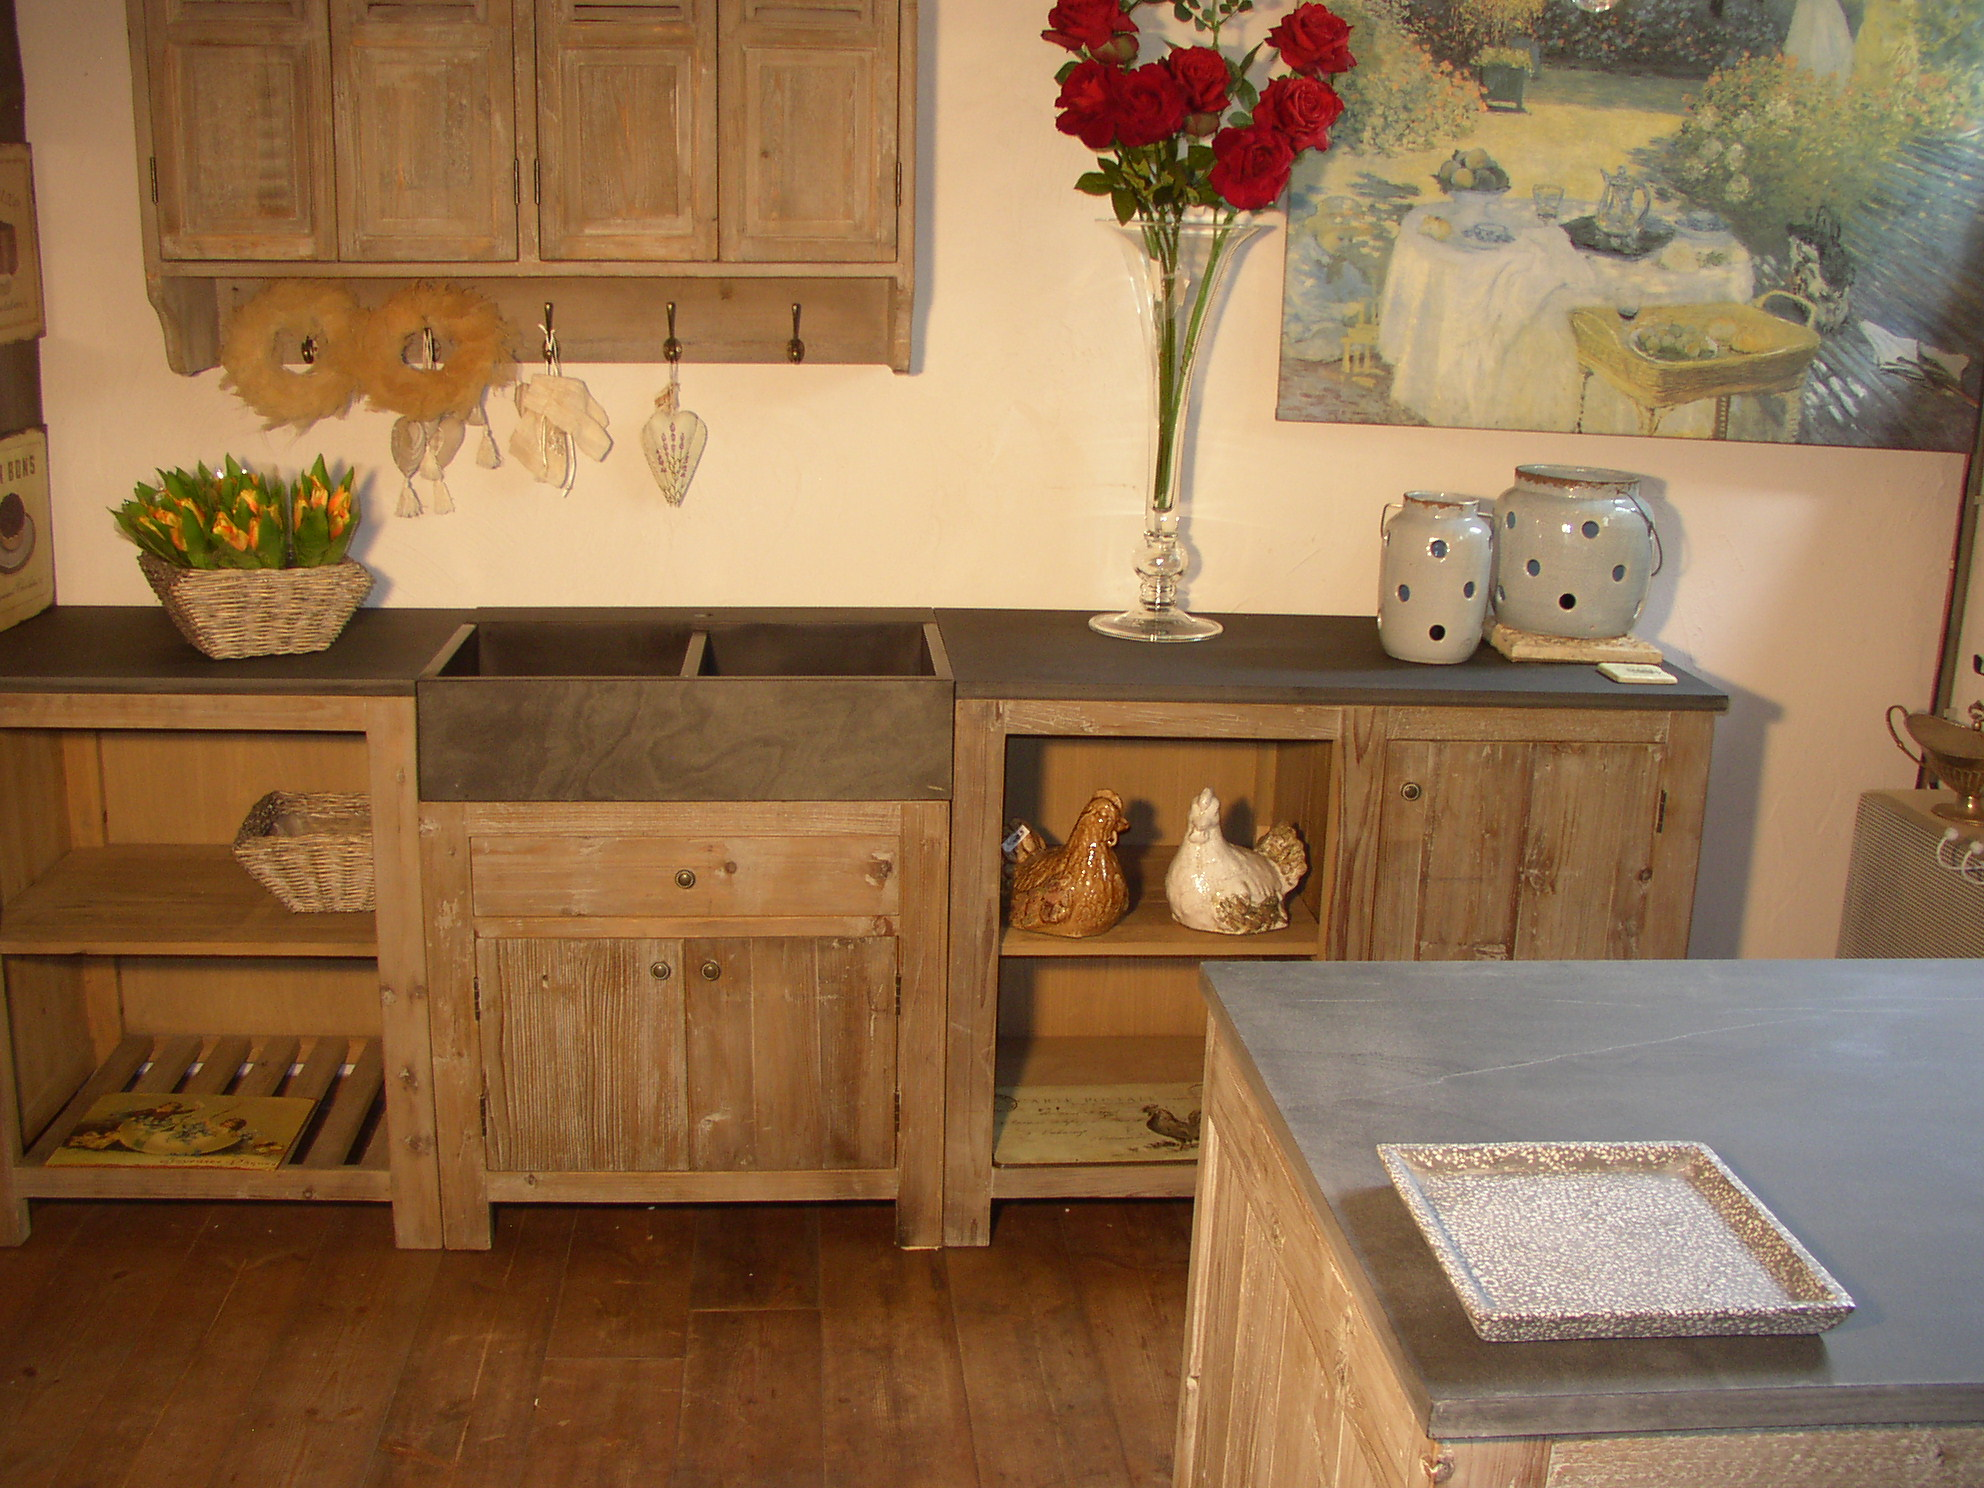 Keuken Met Natuursteen : Spoelbak Keuken Natuursteen : poeder of van Graniet Natuursteen